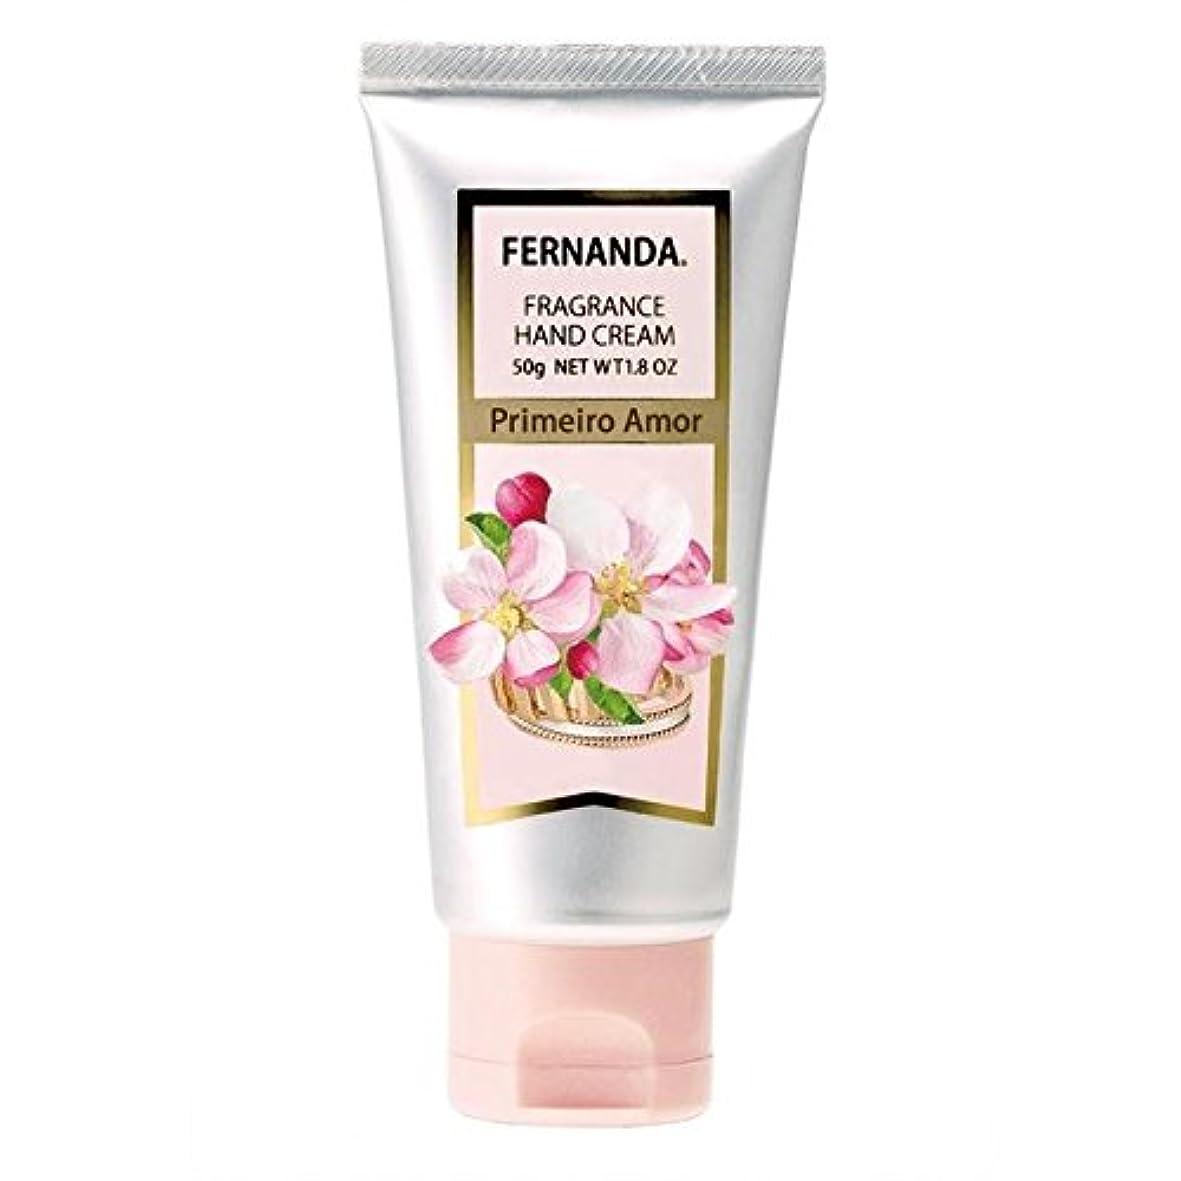 提供カート説得FERNANDA(フェルナンダ) Hand Cream Primeiro Amor(ハンドクリーム プリメイロアモール)